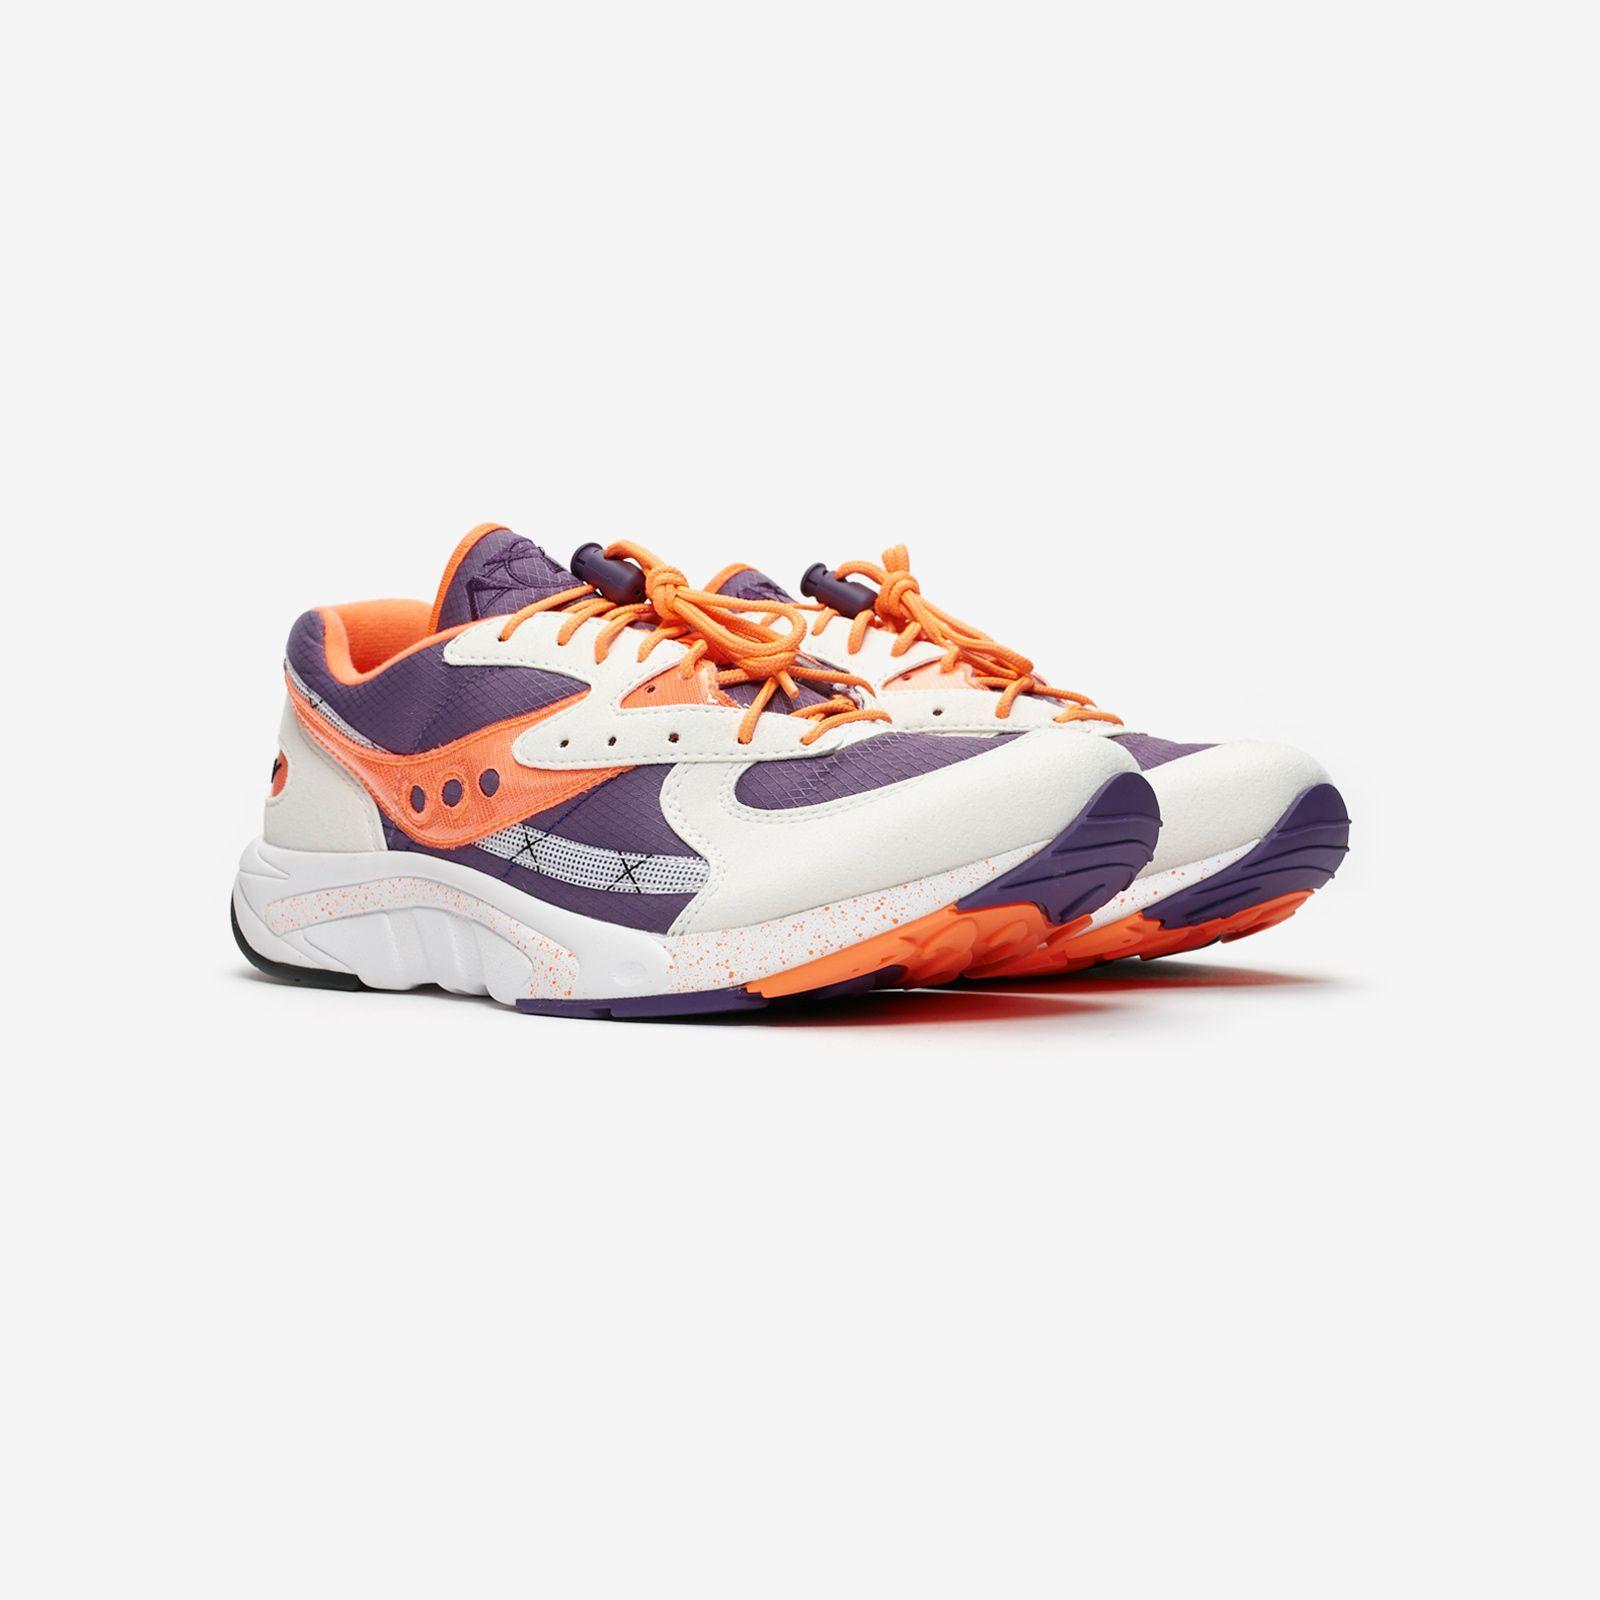 Saucony Aya | Sneaker Releases